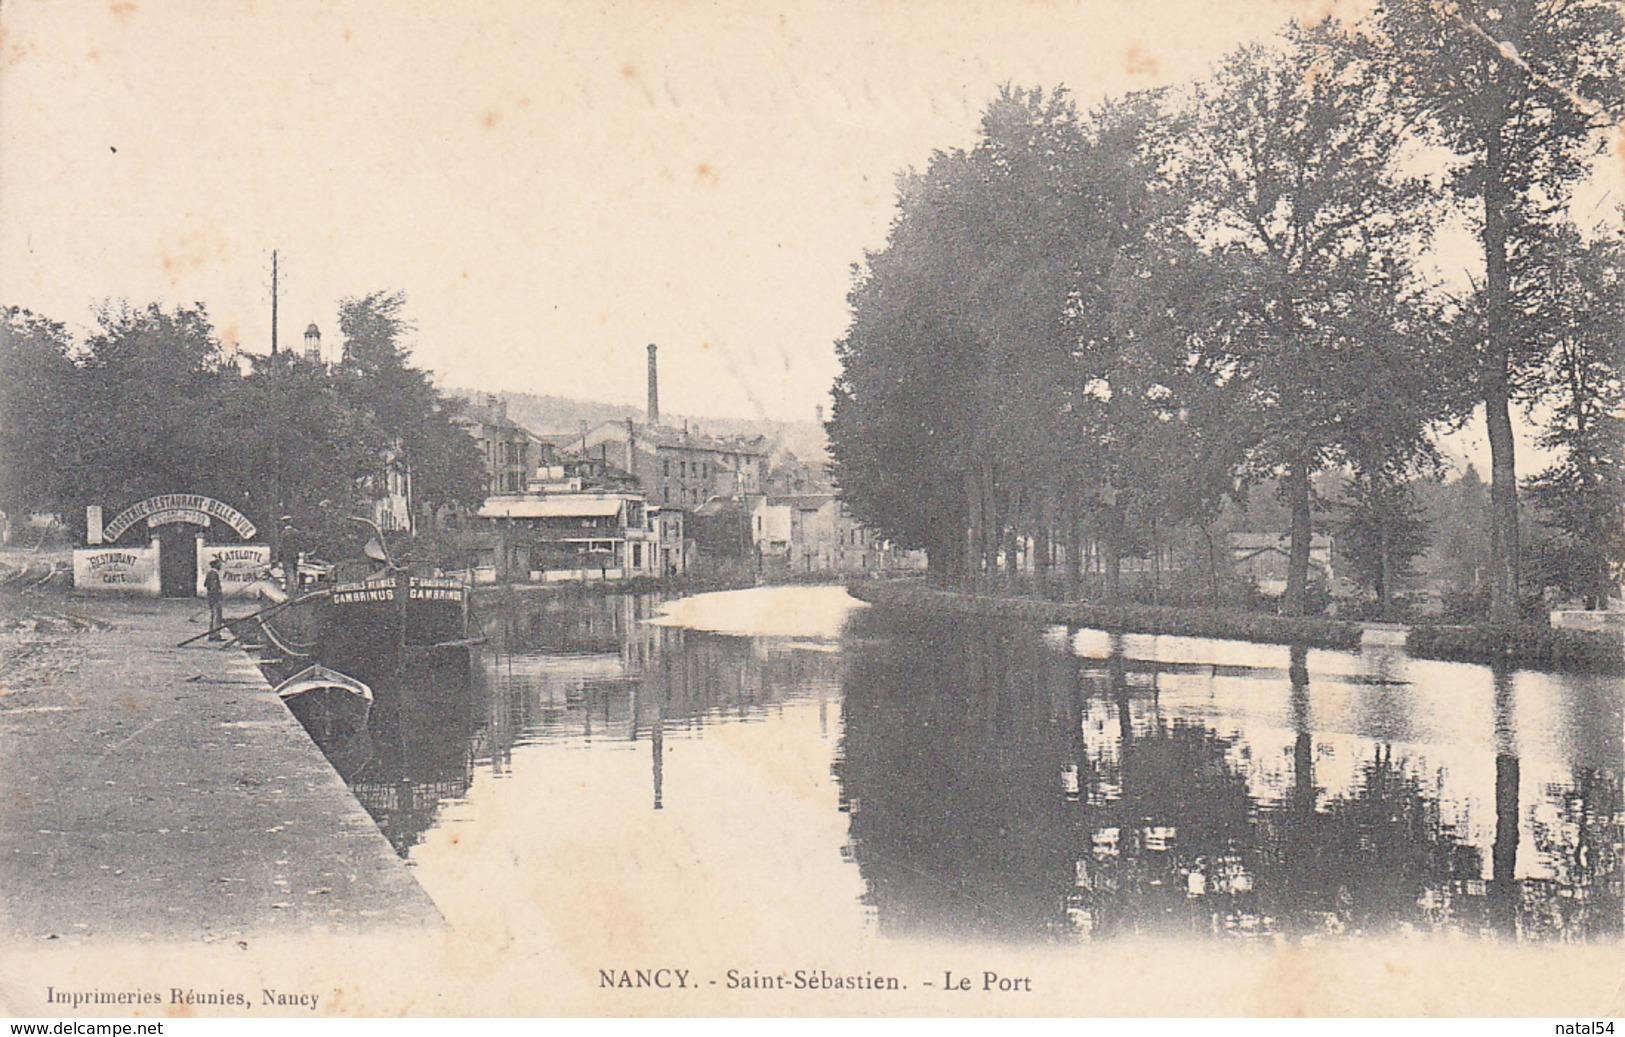 54 - Nancy : Saint Sébastien - Le Port - CPA écrite - Nancy